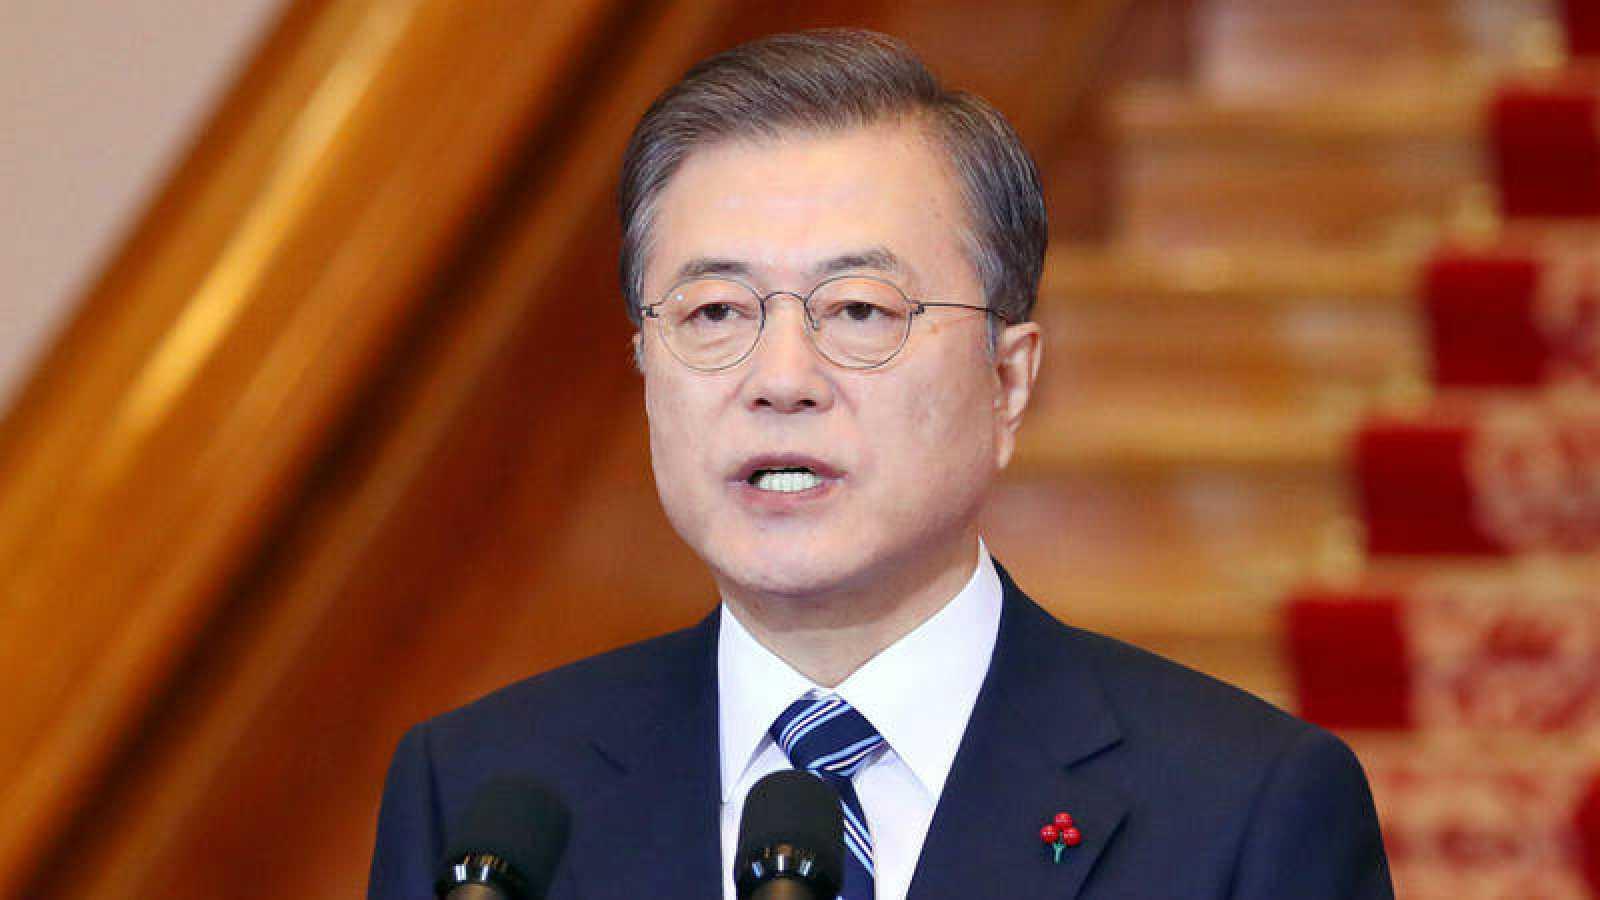 El presidente de Corea del Sur, Moon Jae-in, pronuncia su discurso de Año Nuevo en la Casa Azul presidencial en Seúl.